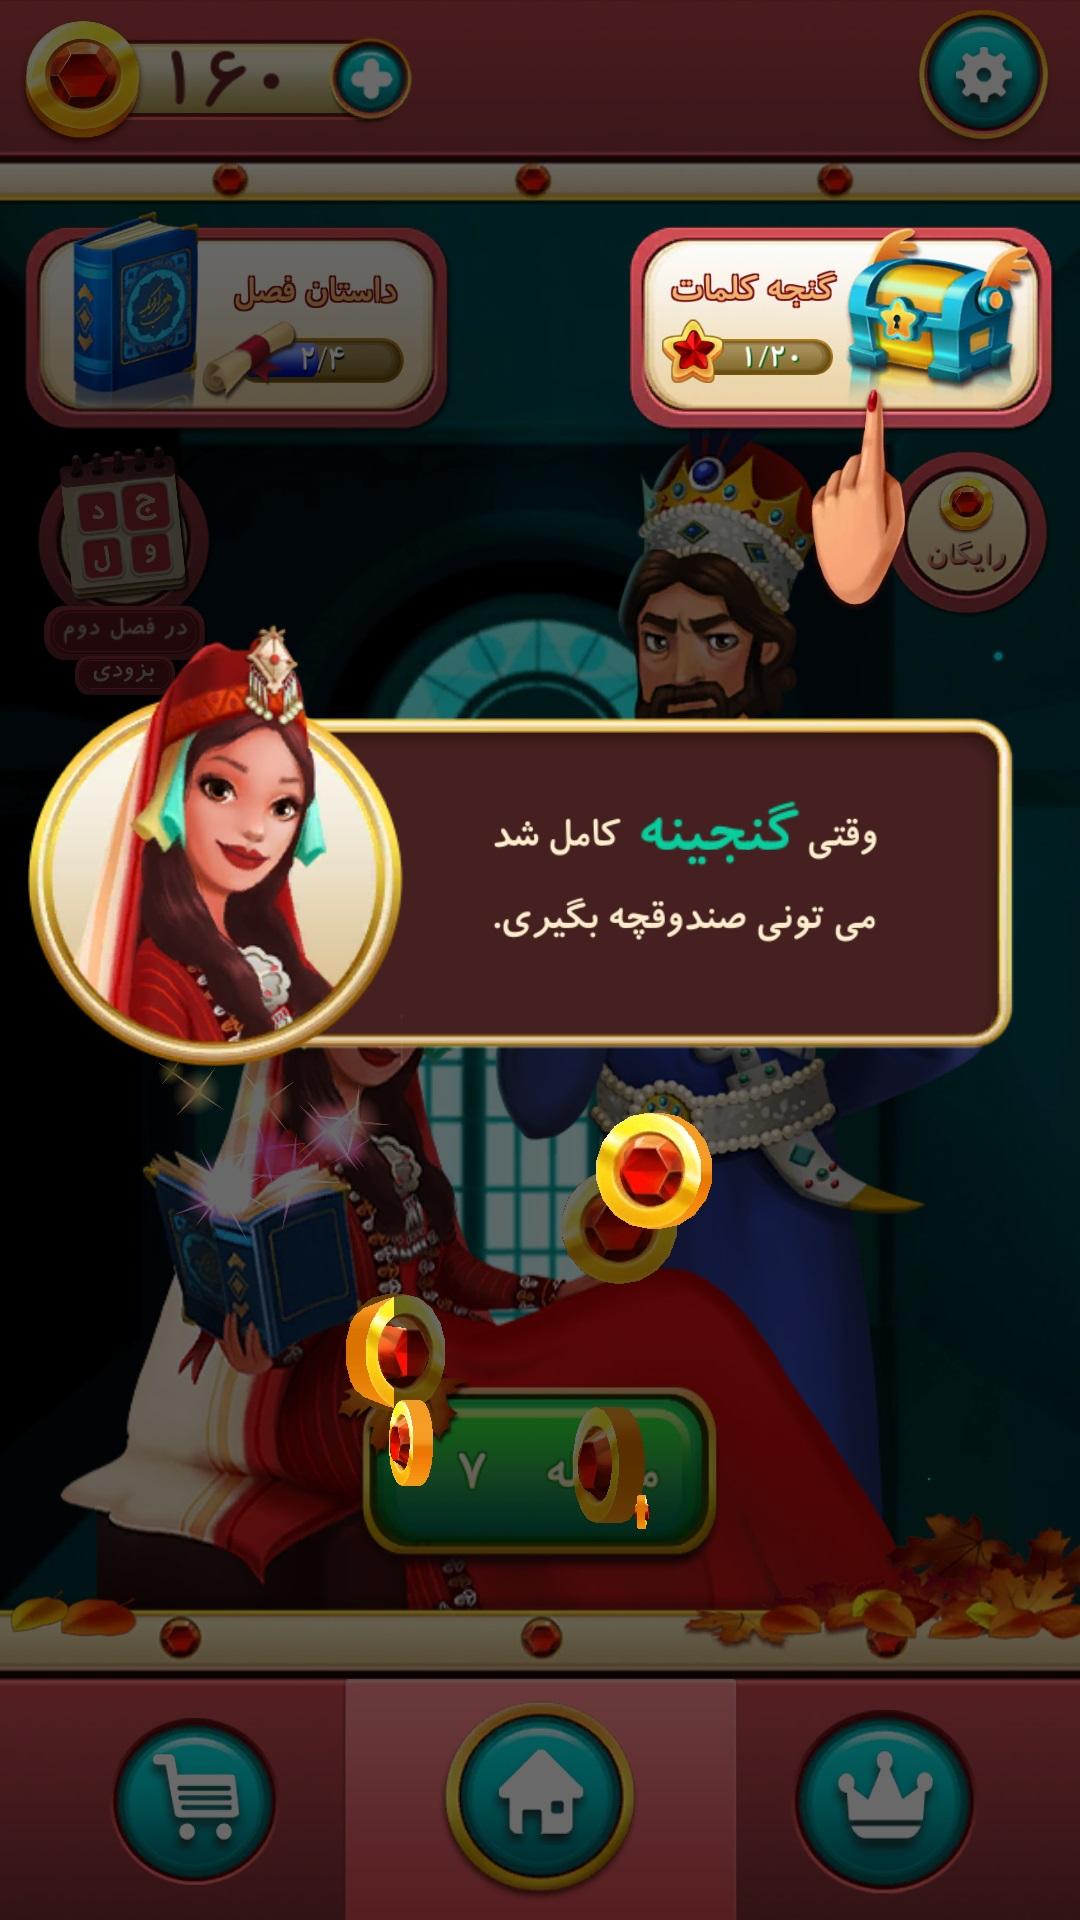 شهرزاد 3 - بررسی بازی «هزار افسان: شهزاد»؛ با حروف بازی کنید و افسانه بخوانید